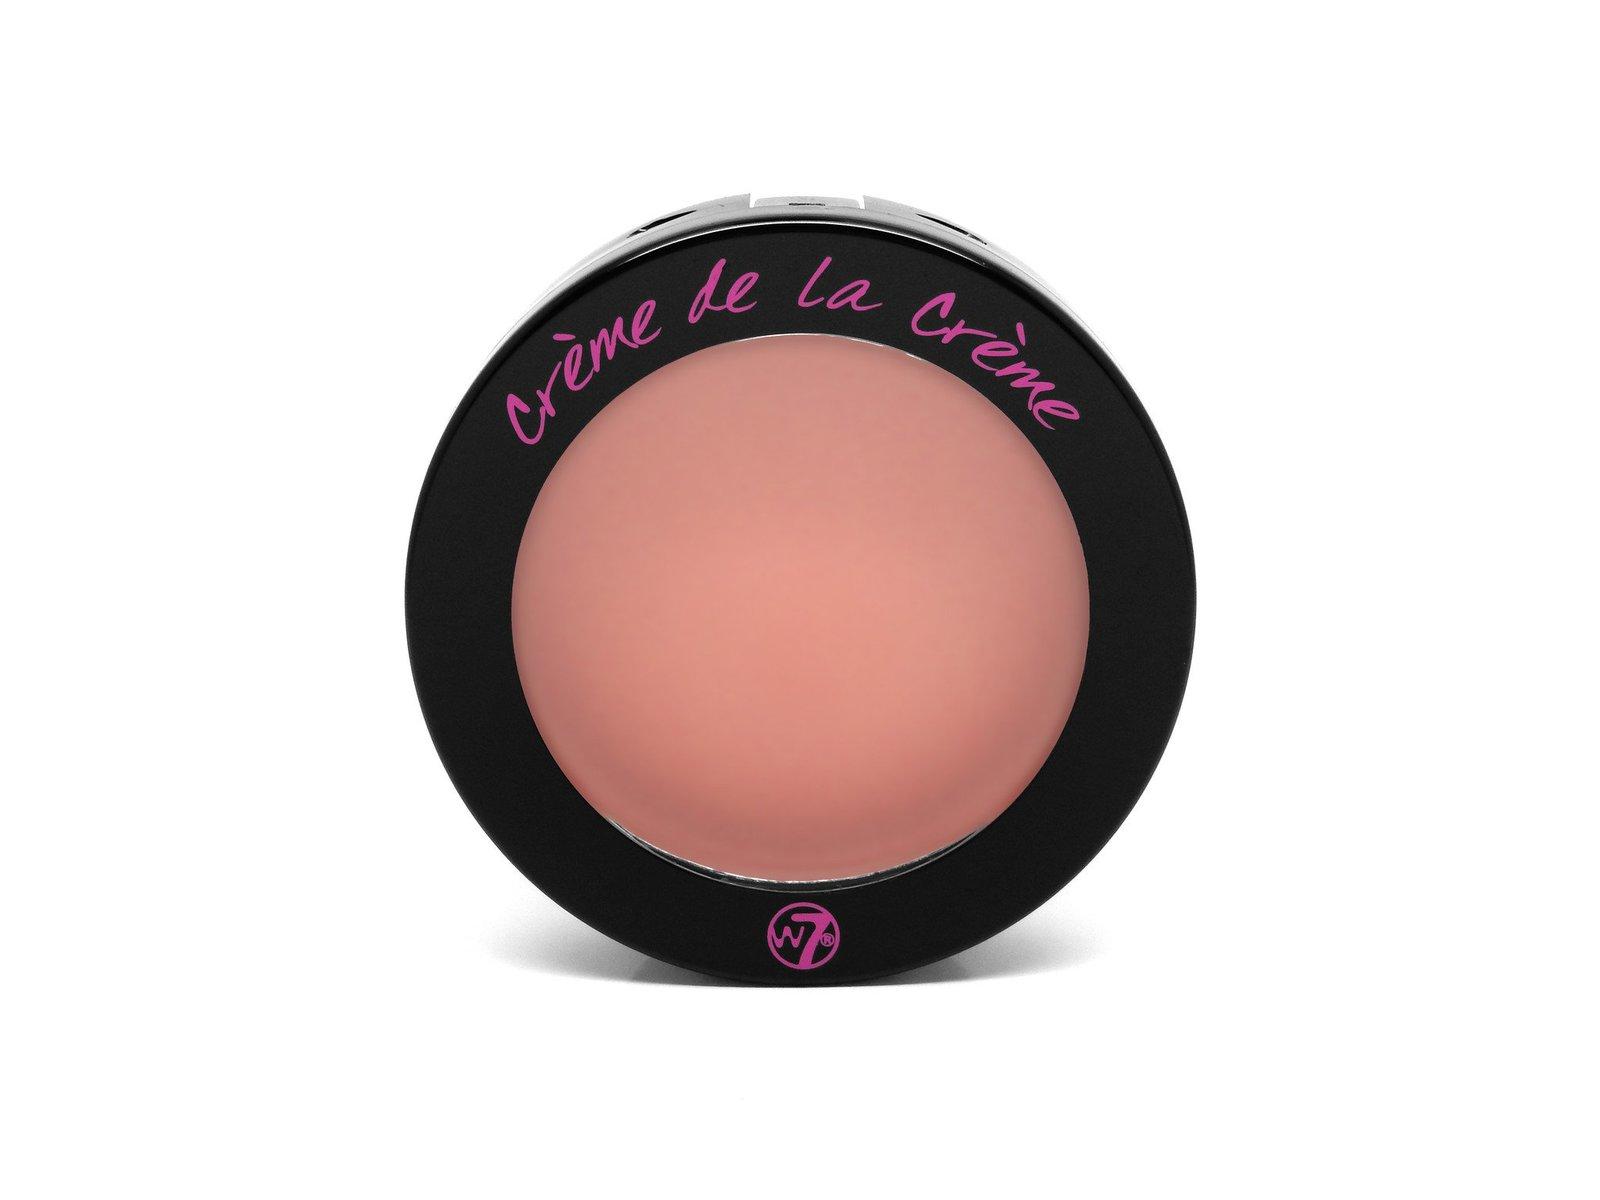 W7 Creme de la Creme Blush (Blush Baby) image